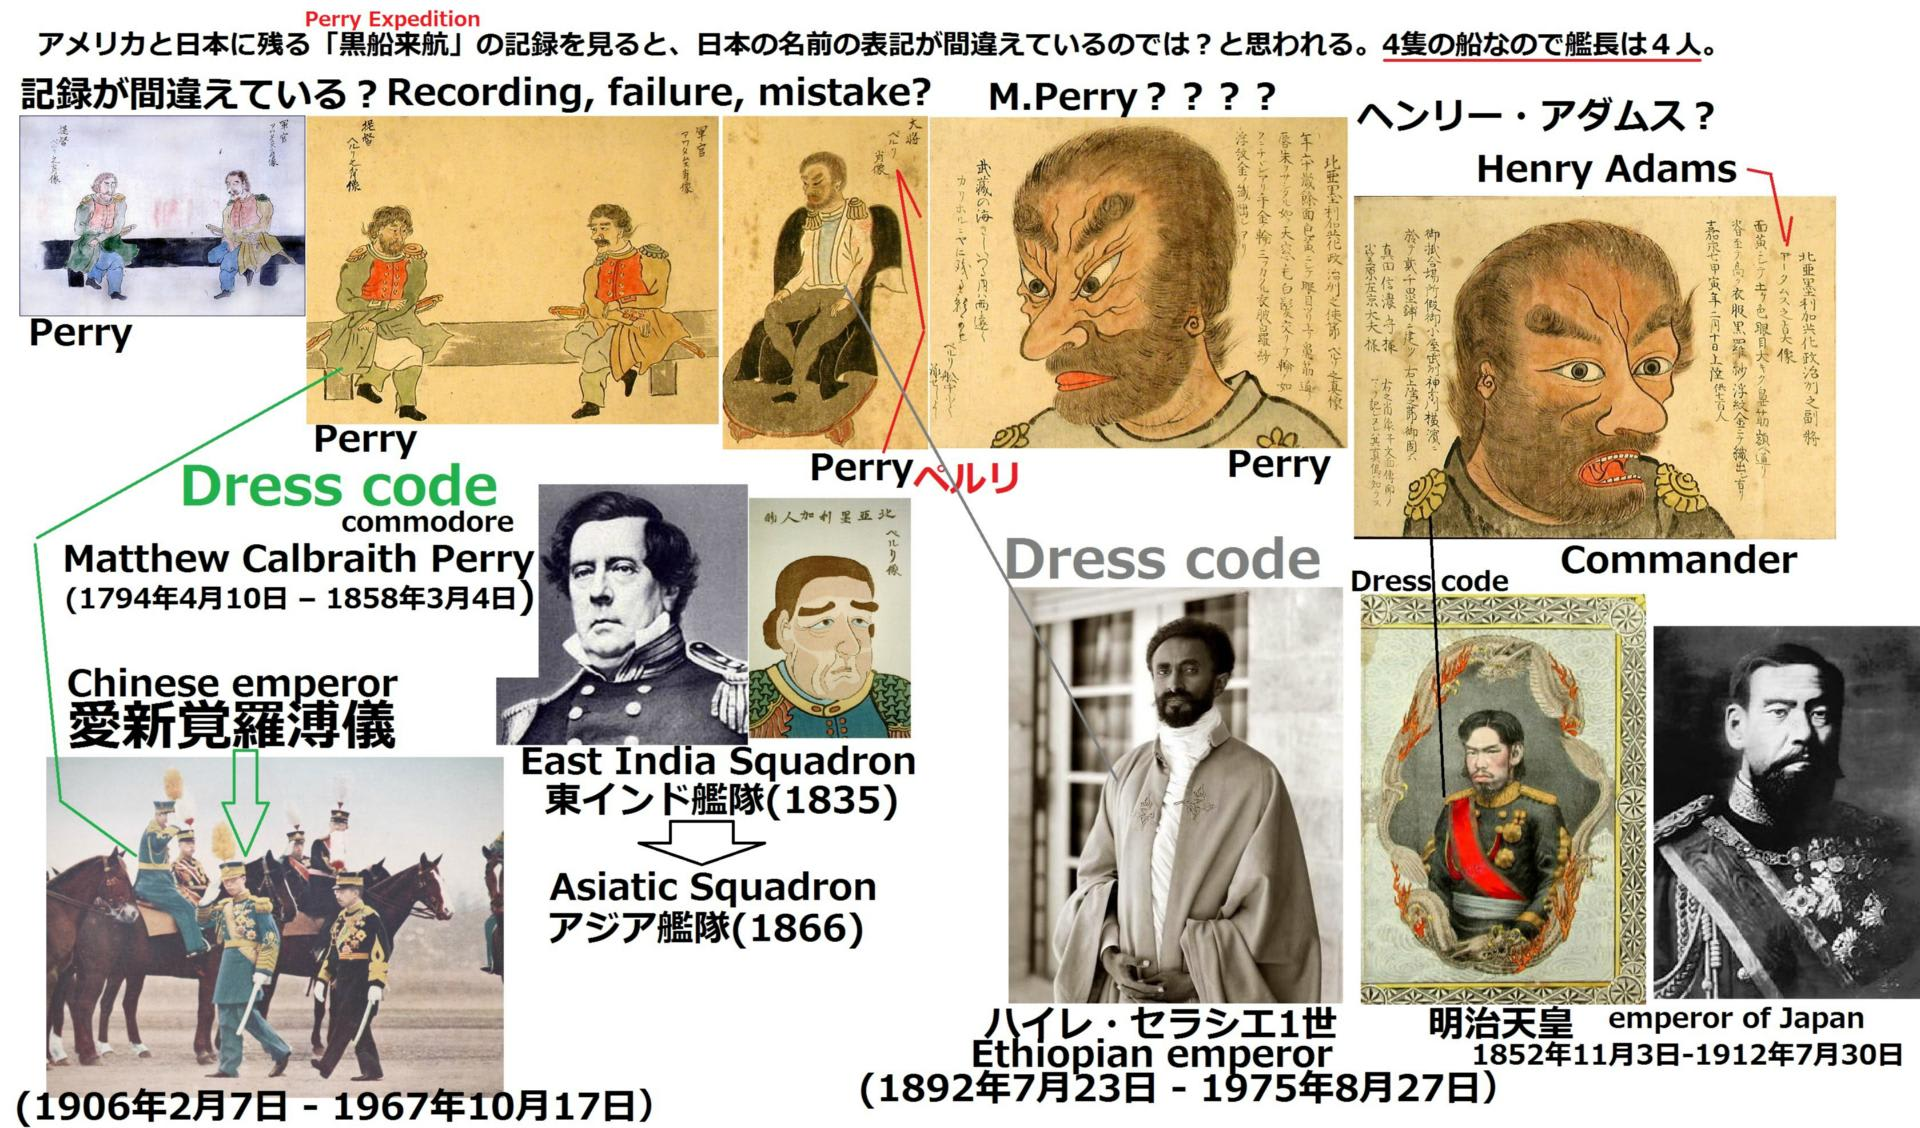 【東京】オートサロン写真撮影板part38【海外?】 [無断転載禁止]©2ch.netYouTube動画>6本 ->画像>415枚